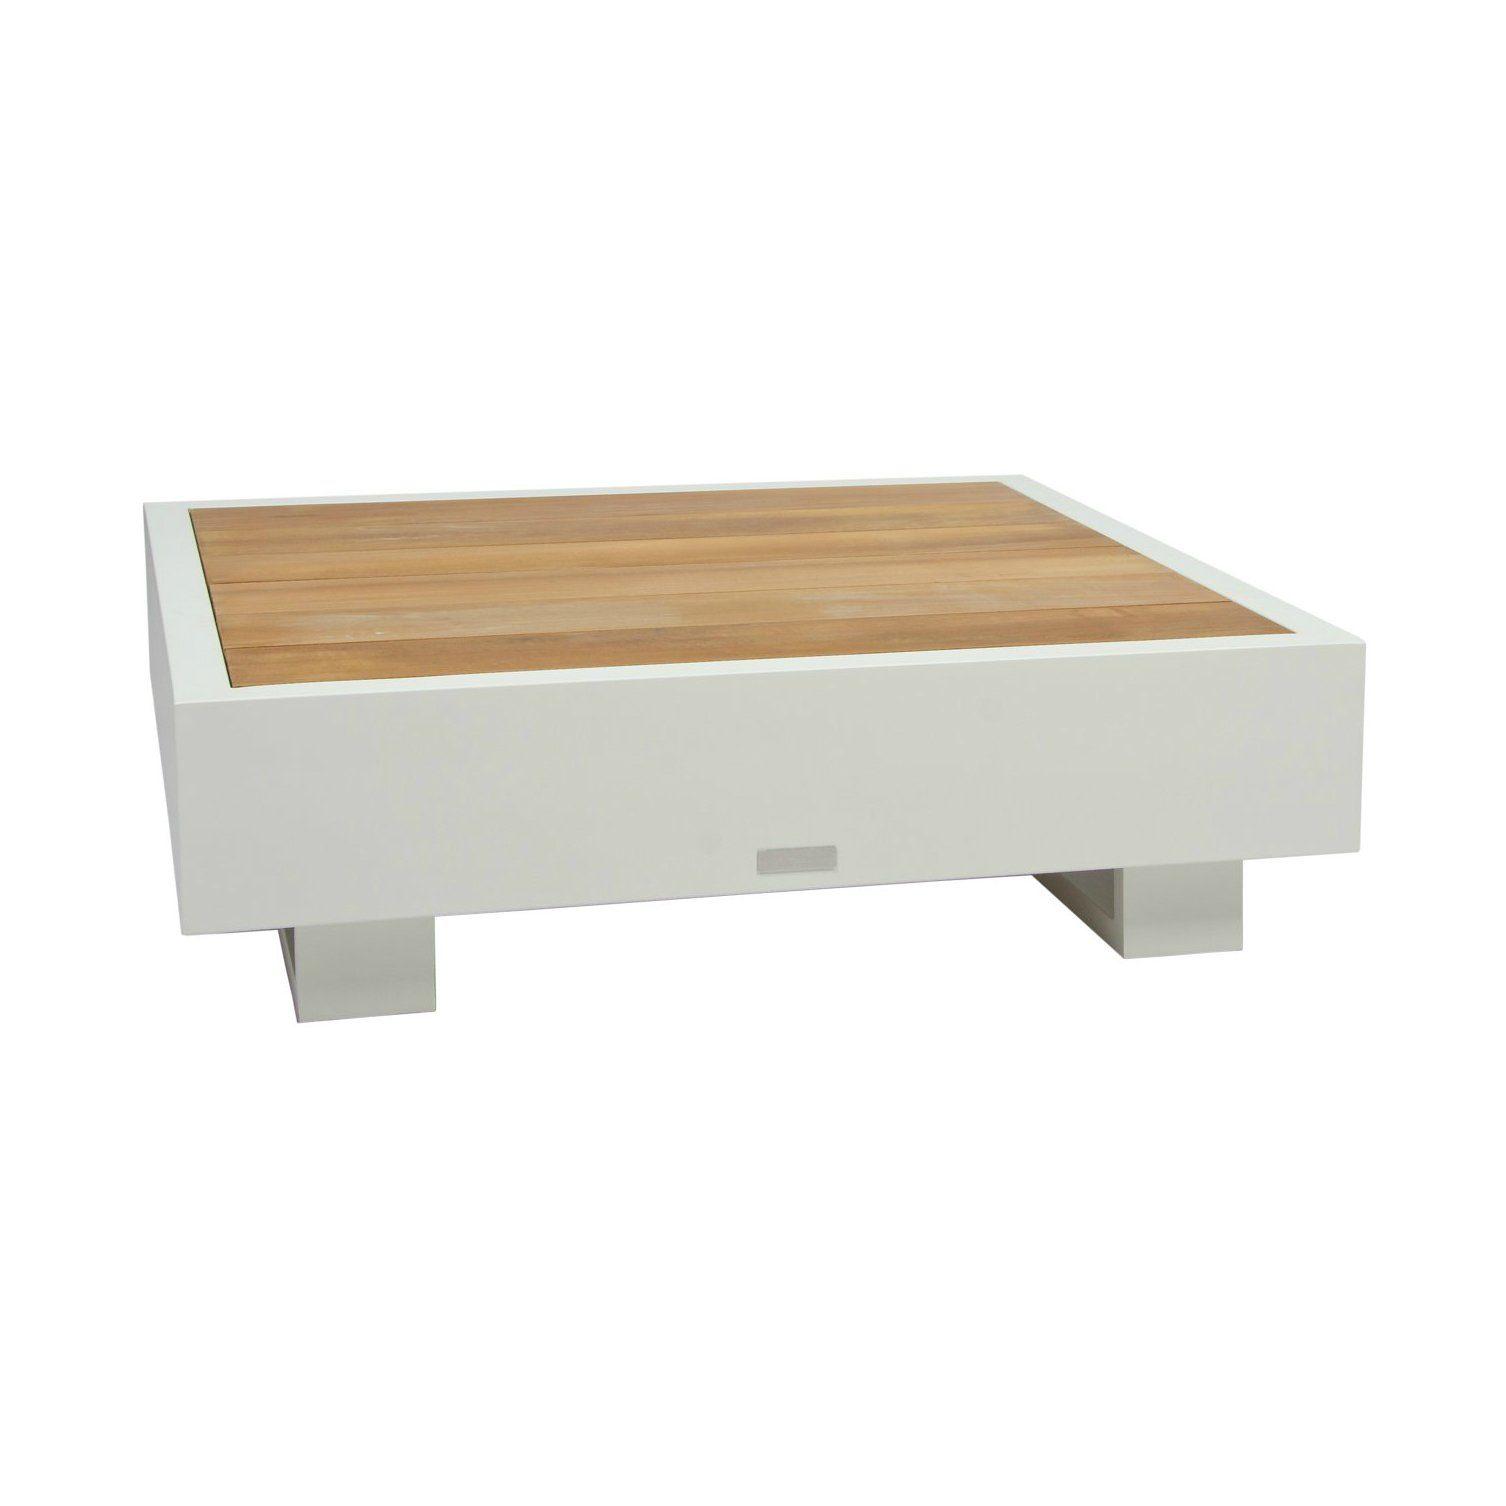 """Beistelltisch """"Bari"""" von Jati&Kebon, Aluminium weiß, Tischplatte Teakholz"""